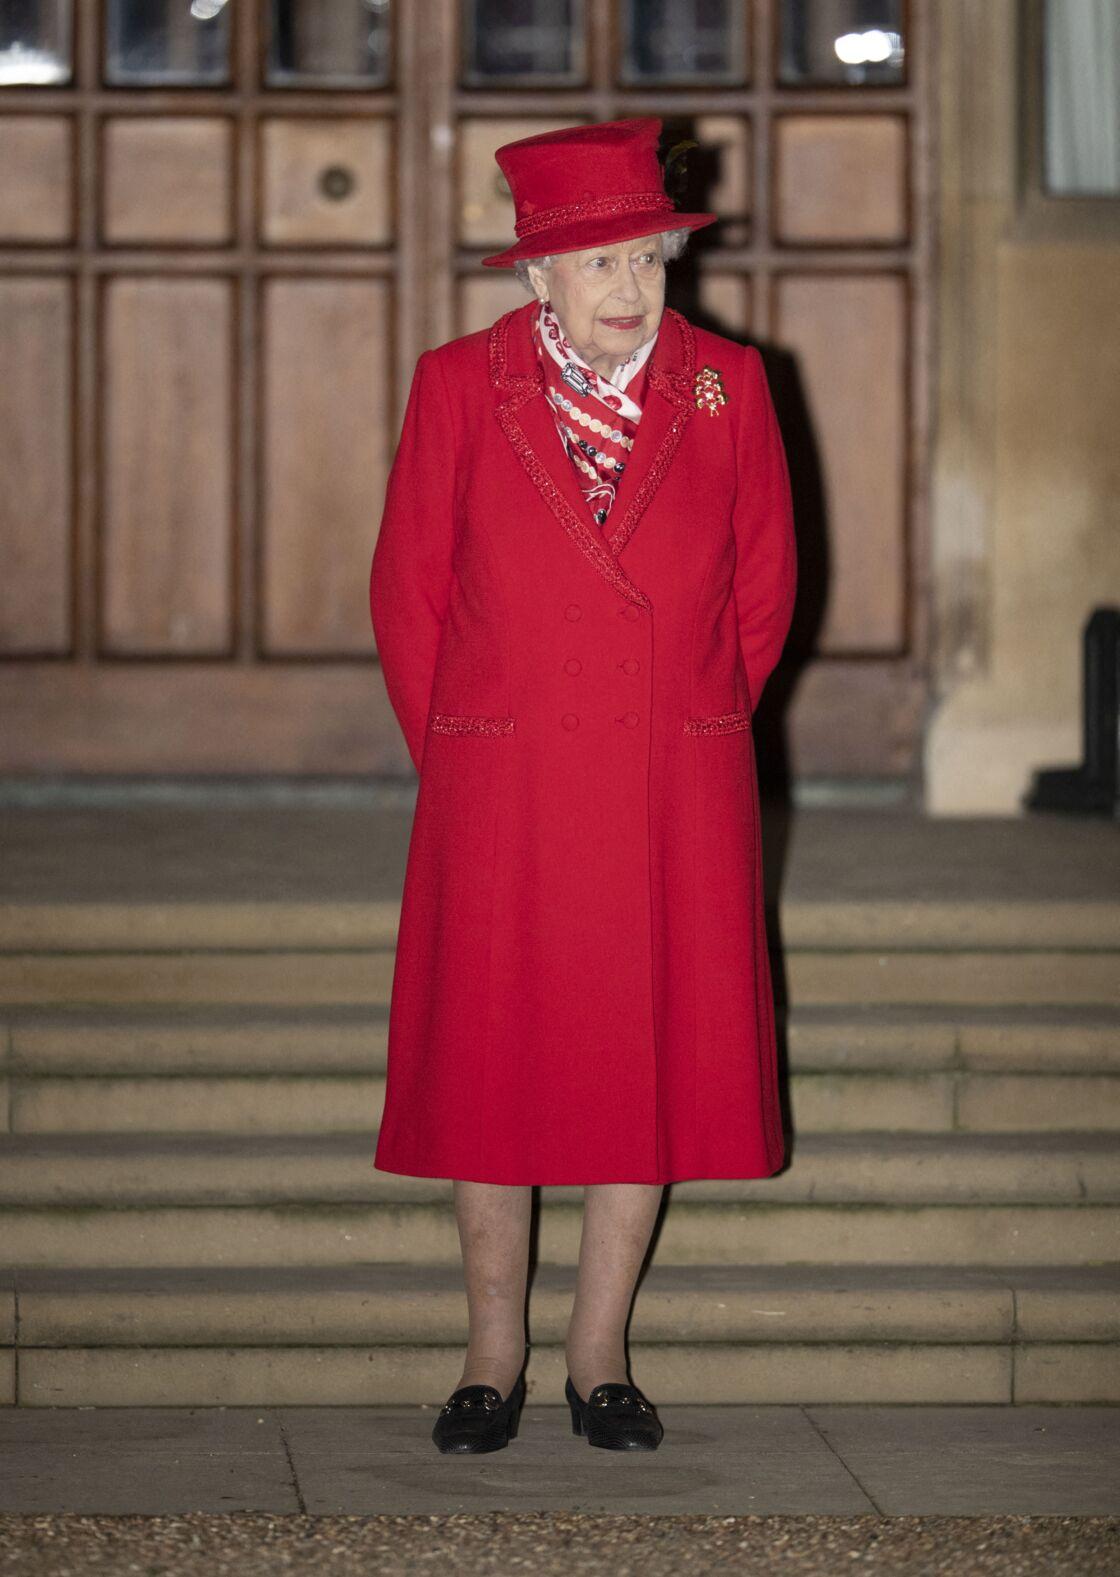 La reine Elisabeth II d'Angleterre - La famille royale se réunit devant le chateau de Windsor pour remercier les membres de l'Armée du Salut et tous les bénévoles qui apportent leur soutien pendant l'épidémie de coronavirus (COVID-19) et à Noël le 8 décembre 2020. 8 December 2020.